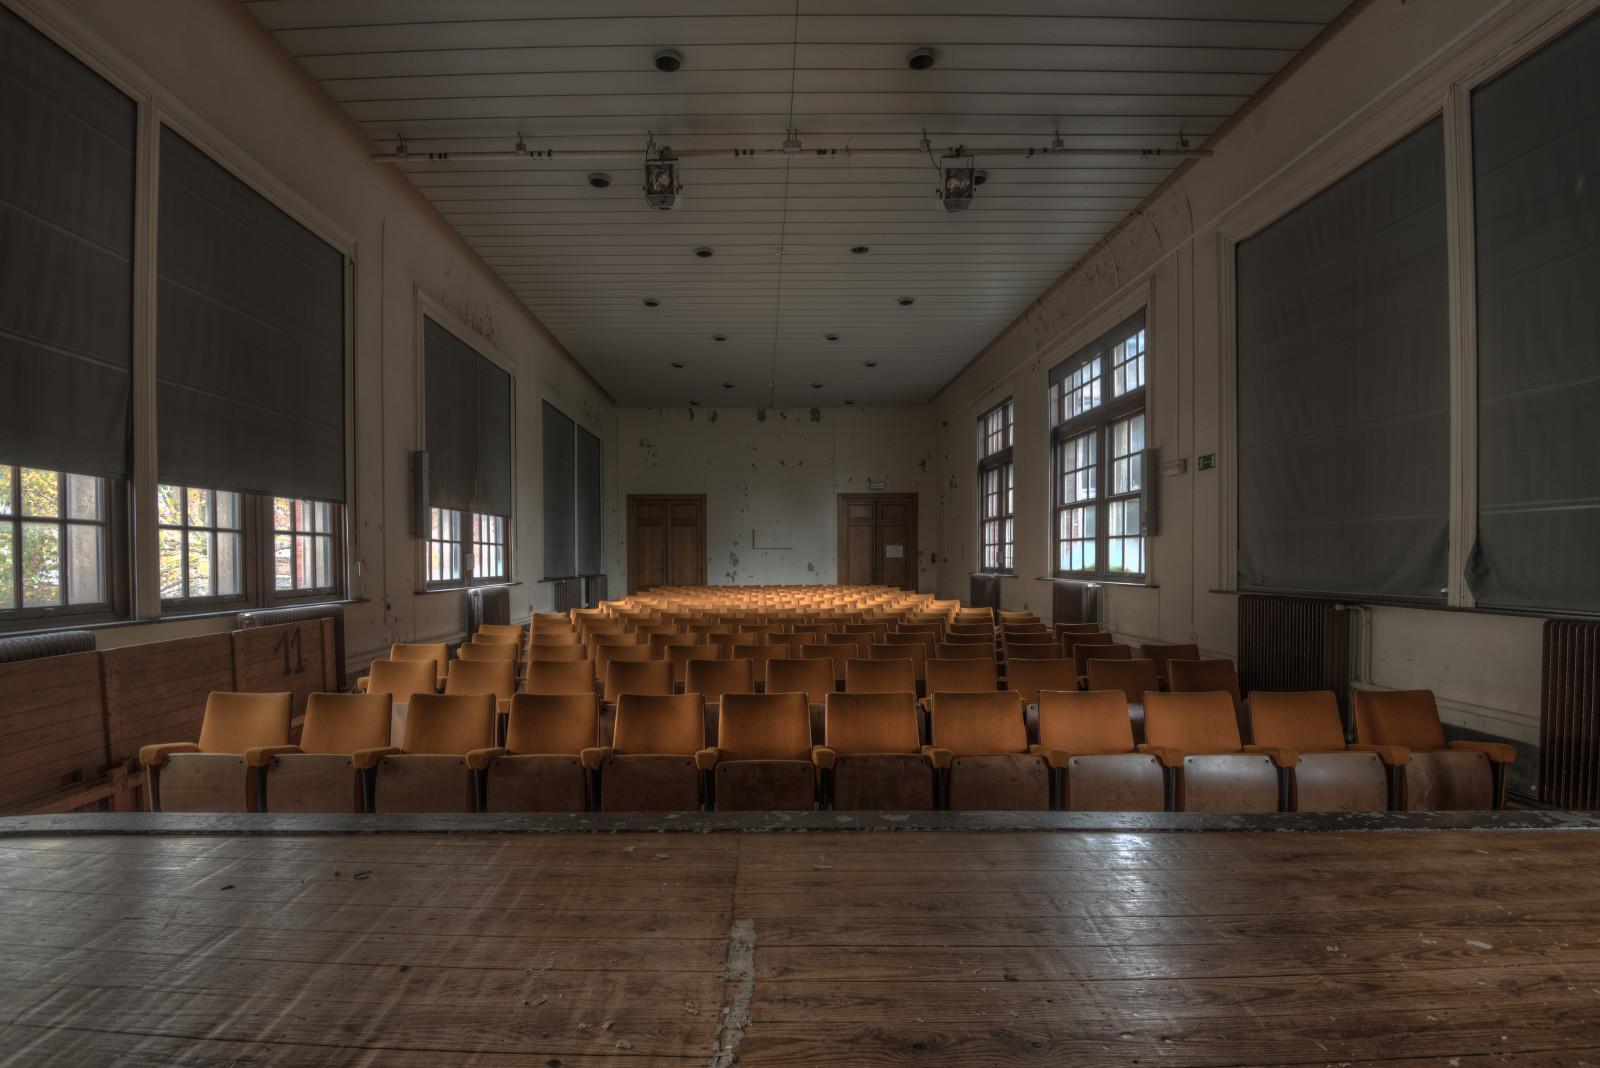 Hintergrundbilder  die Architektur, Auditorium, Innenarchitektur ...